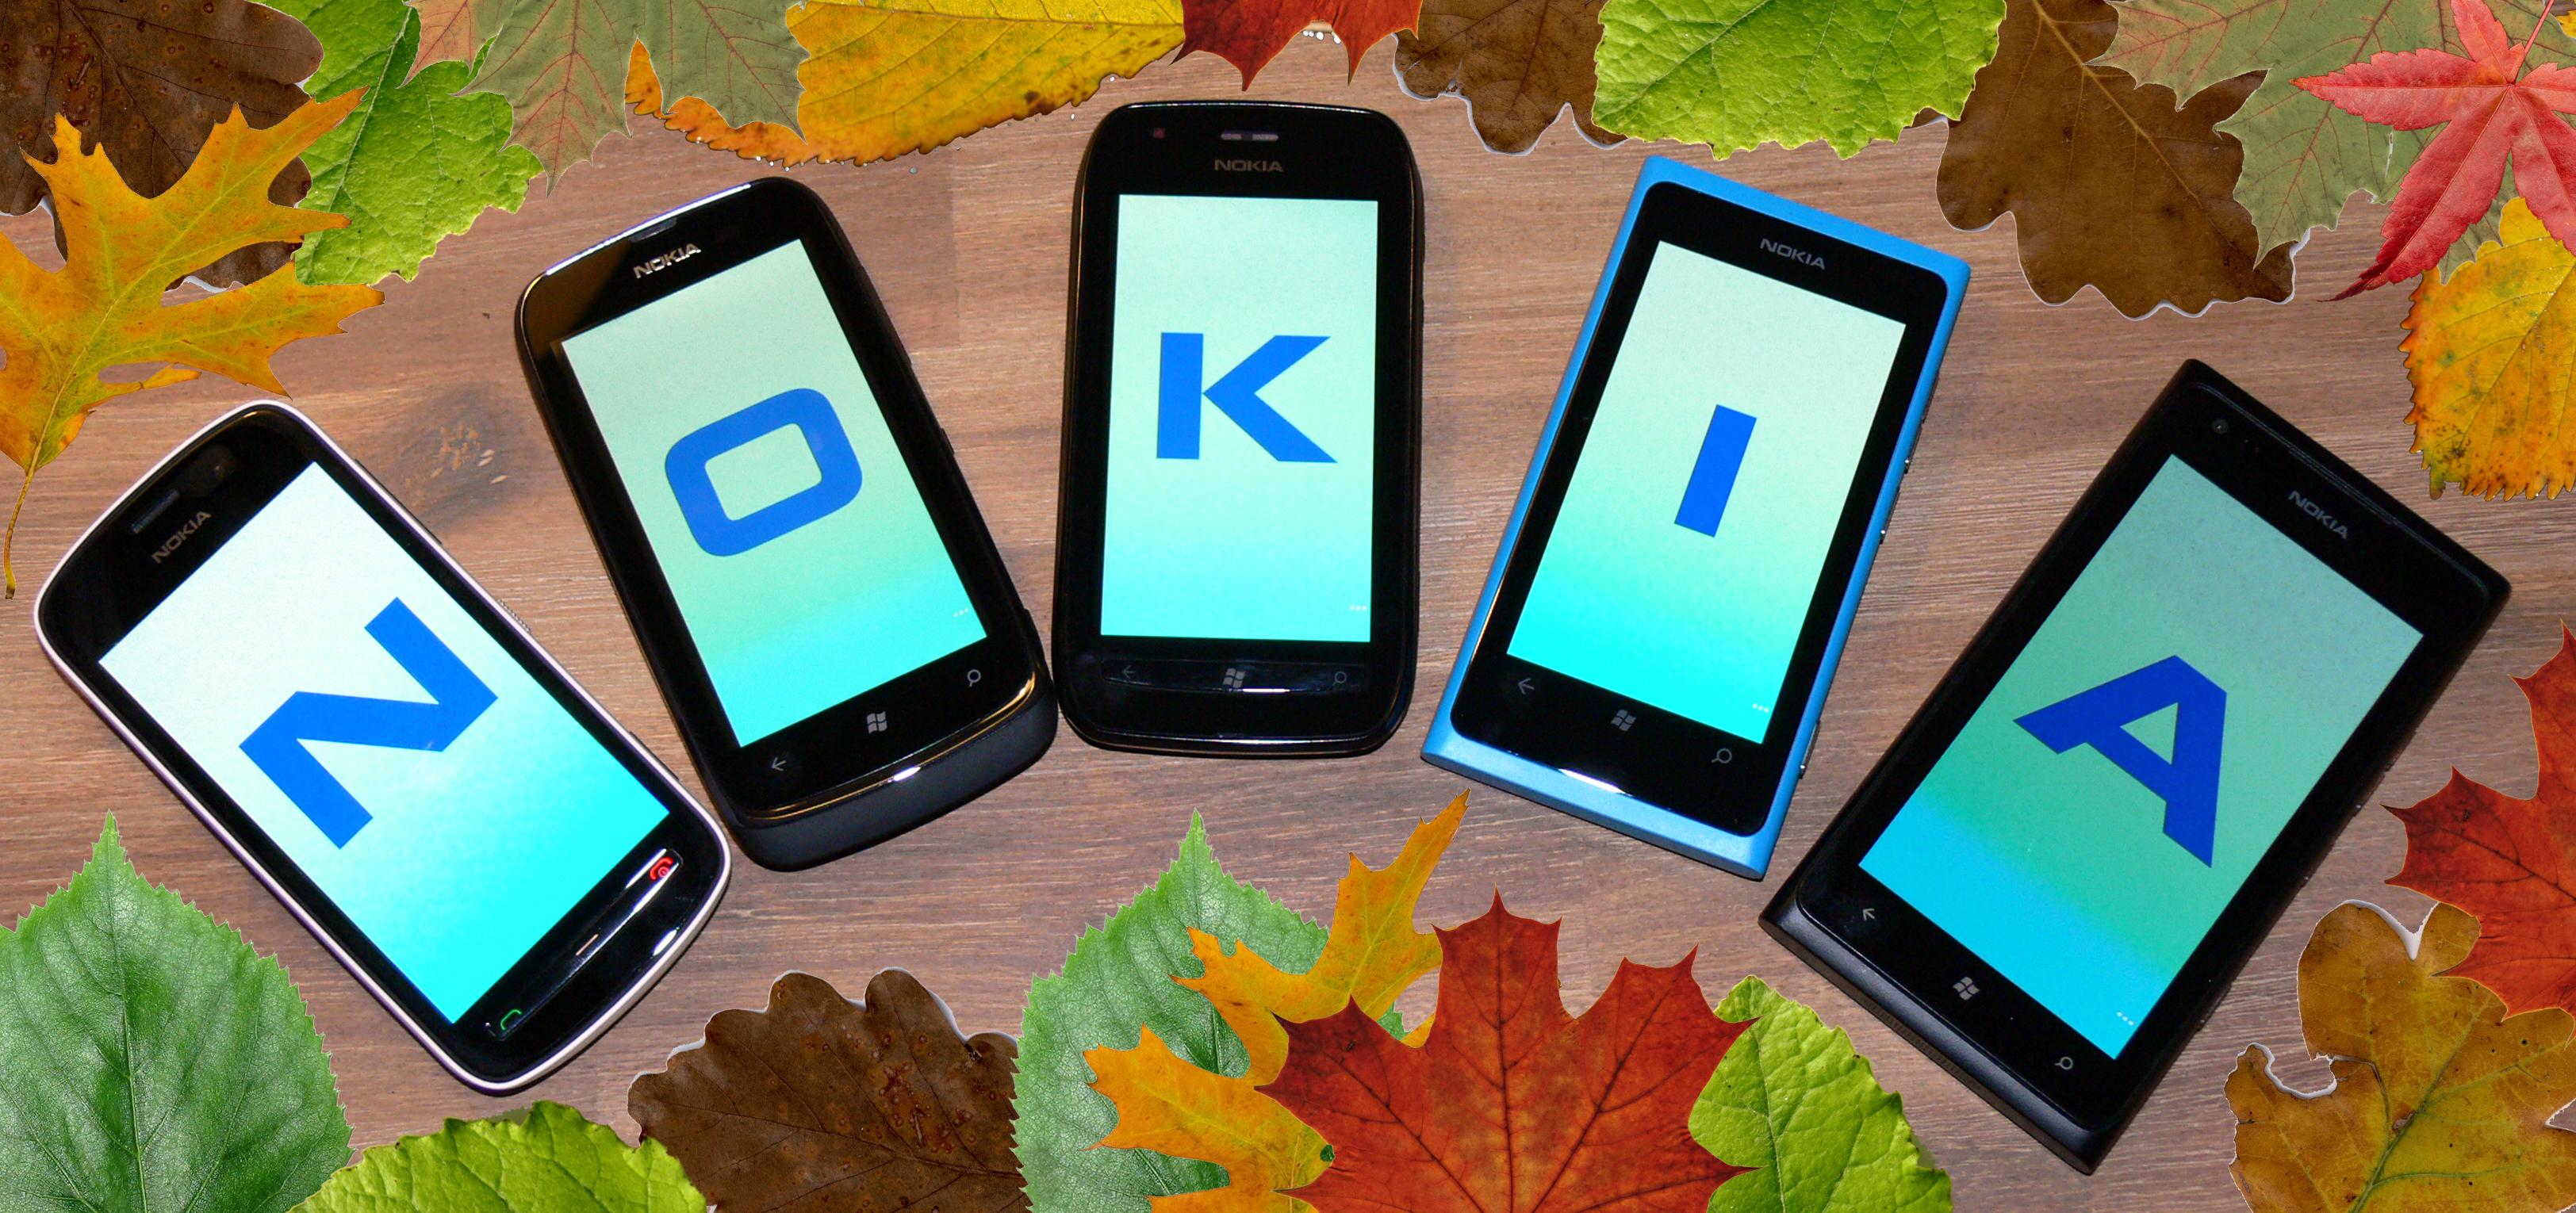 Nokia Herbsttage: 1. Akt – Der Sheriff – Nokia N9